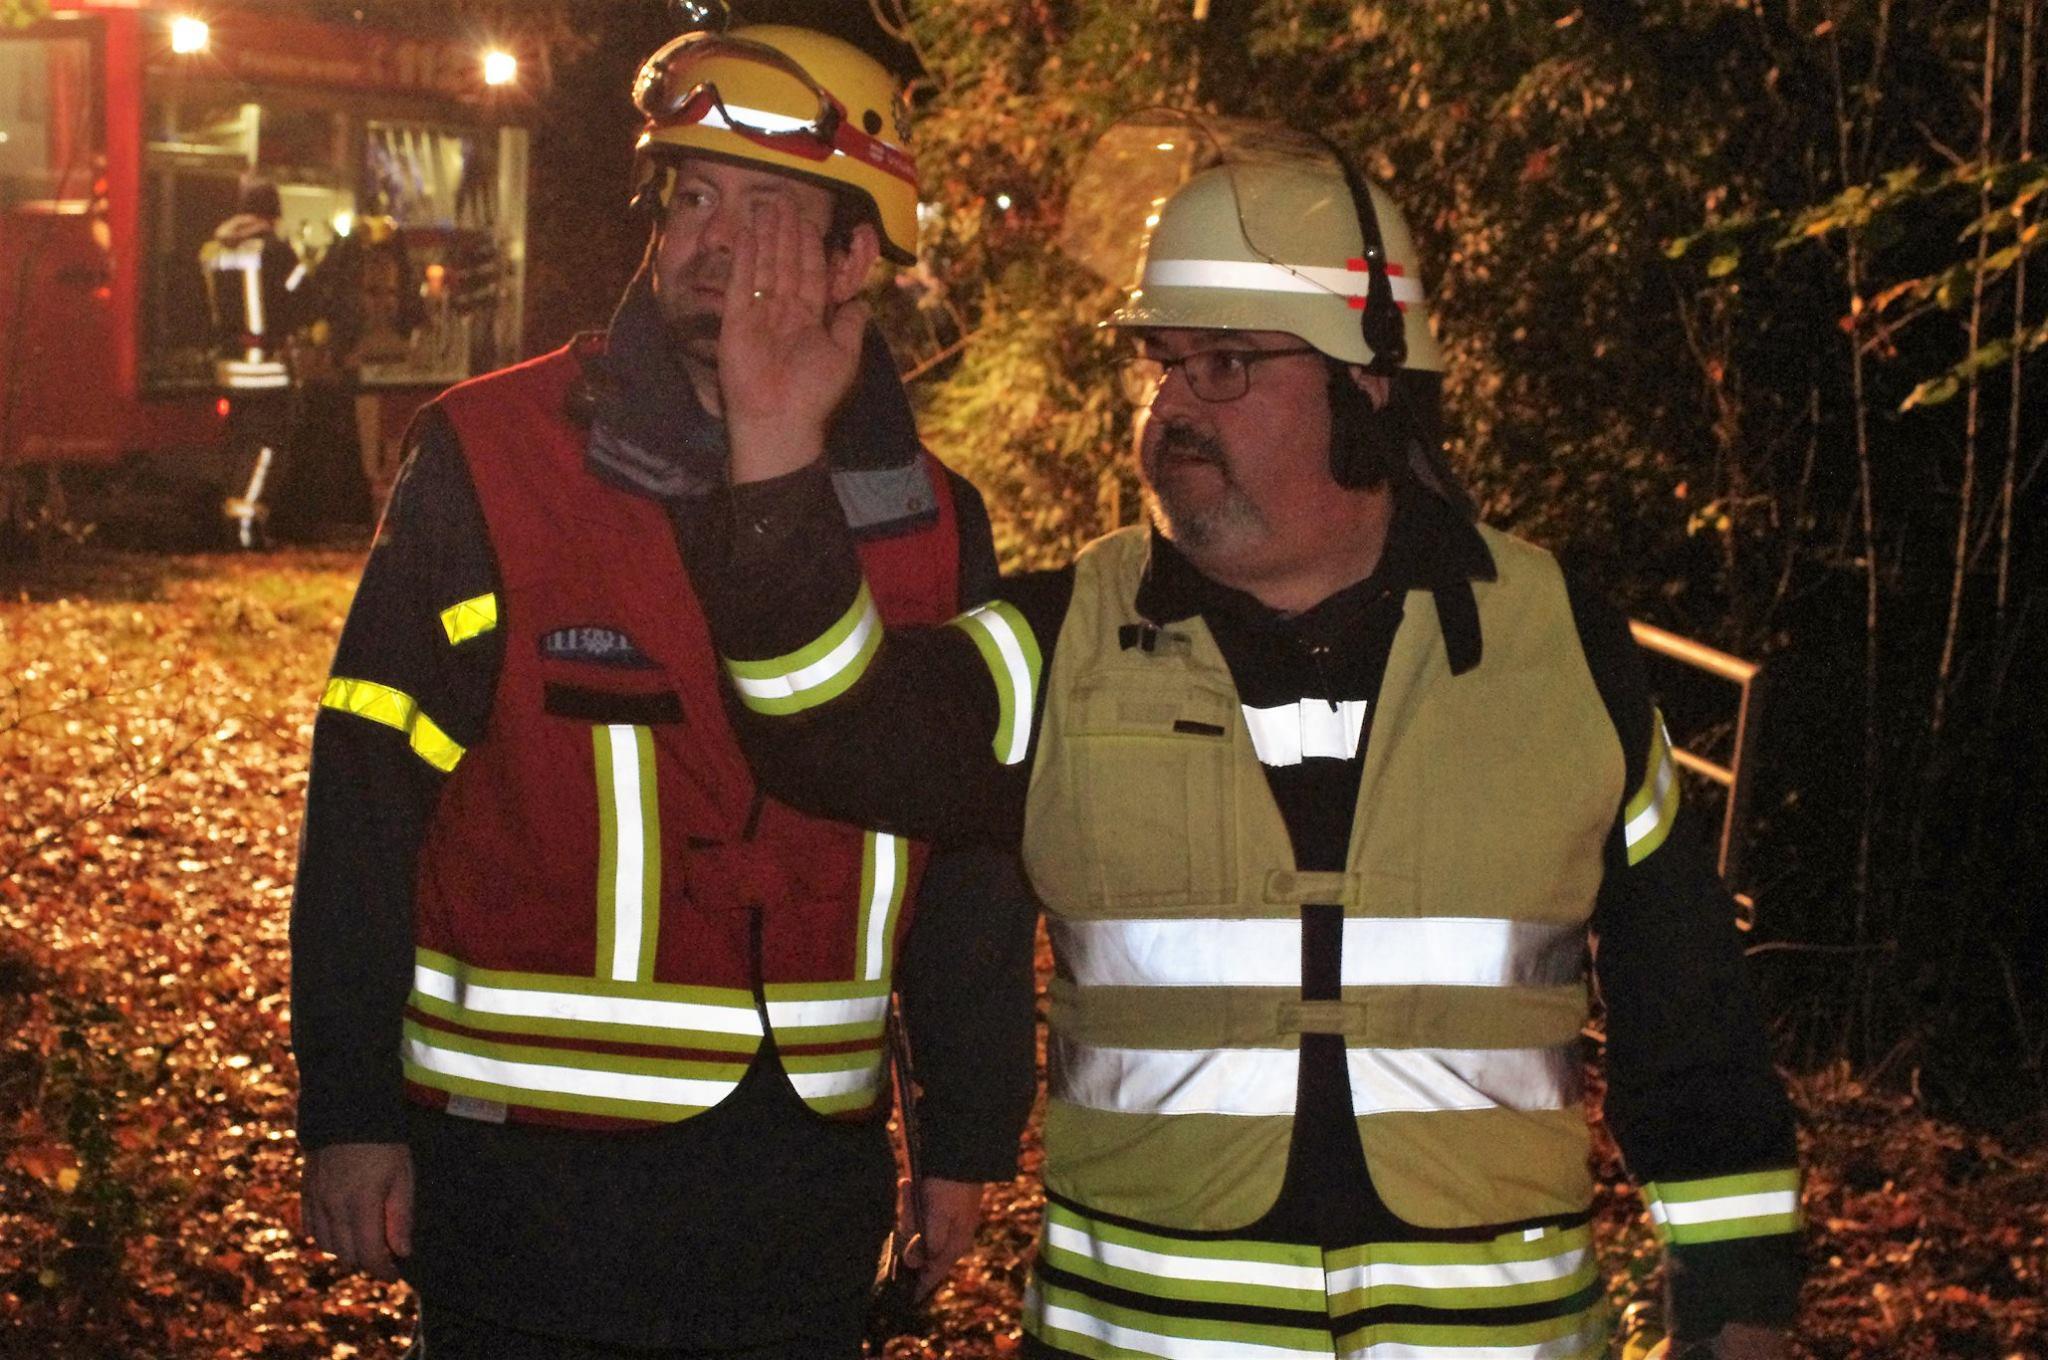 Am 01.11.2016 um 19:30: Übung: Feuerwehr und Technisches Hilfswerk Hand in Hand